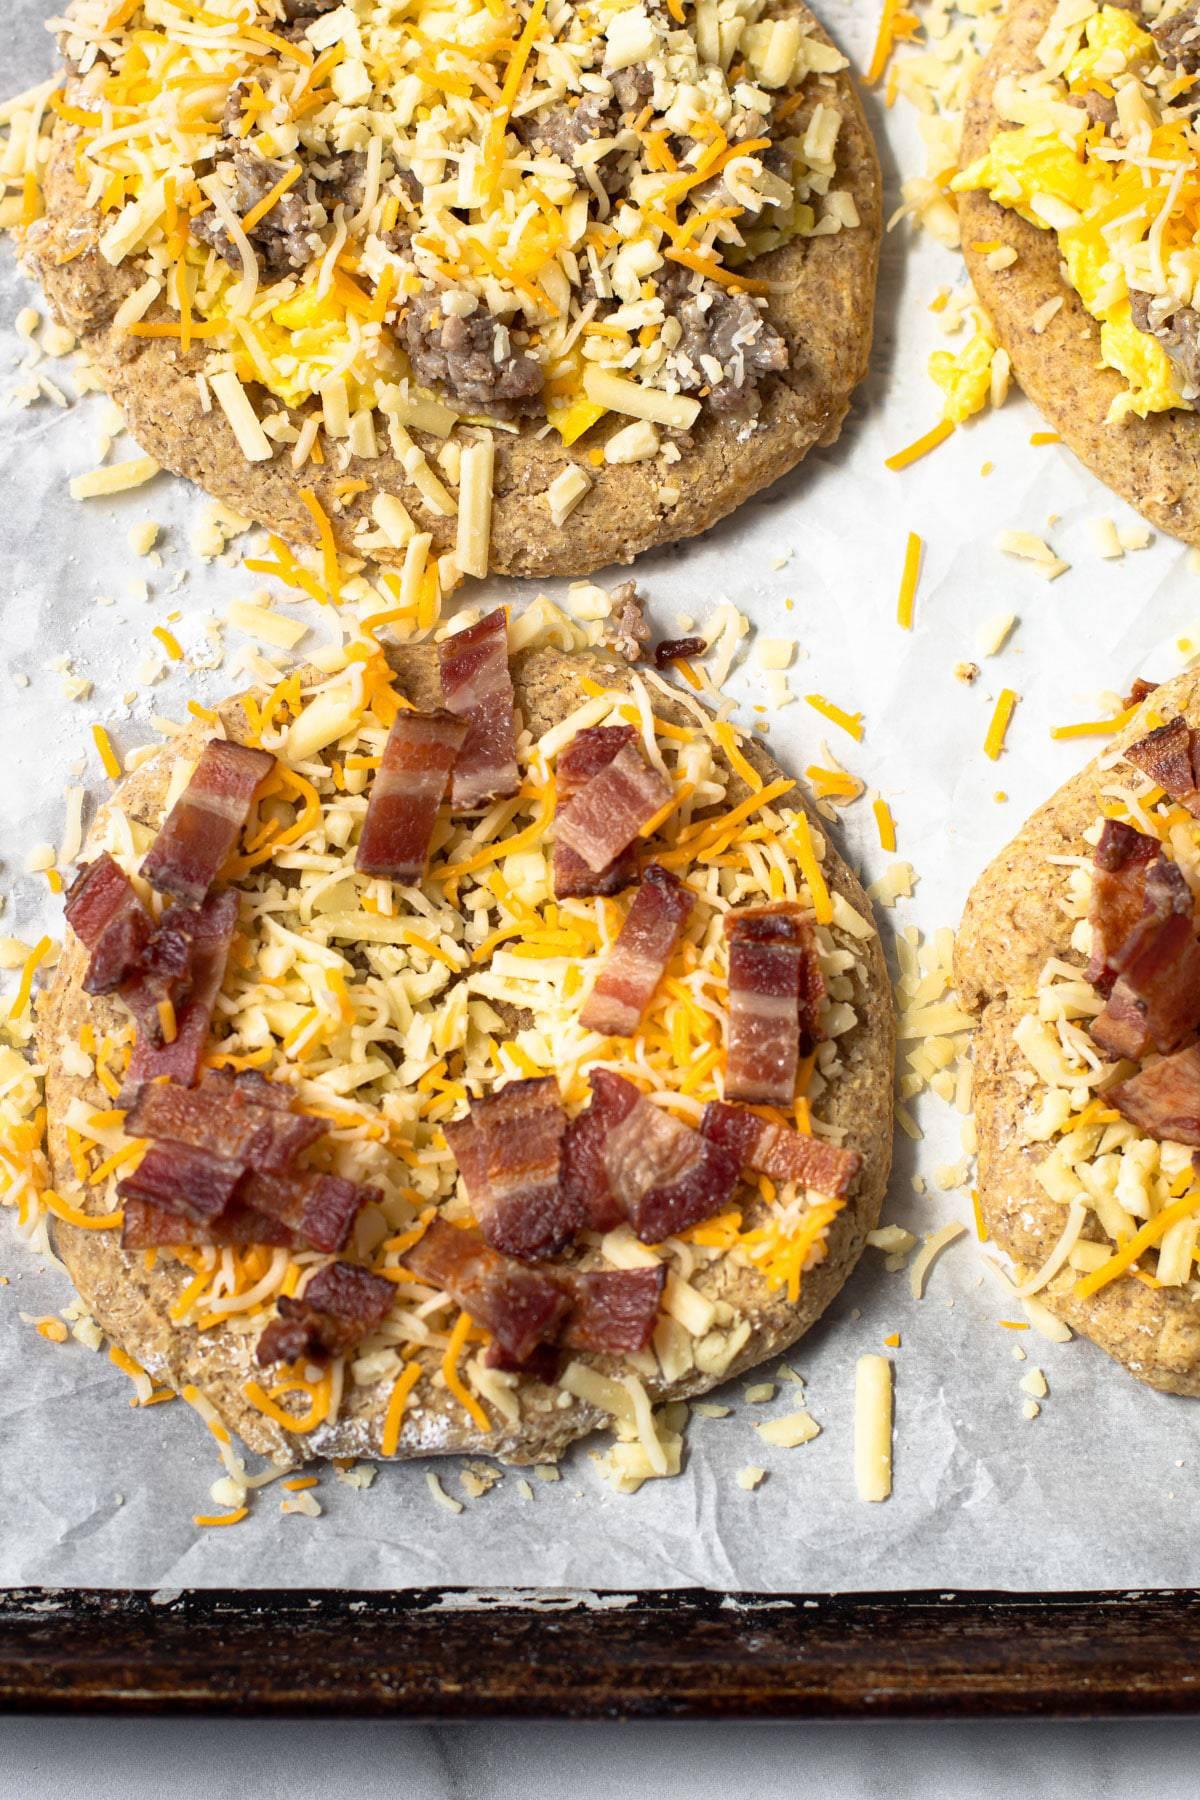 Breakfast pizza on a baking sheet.